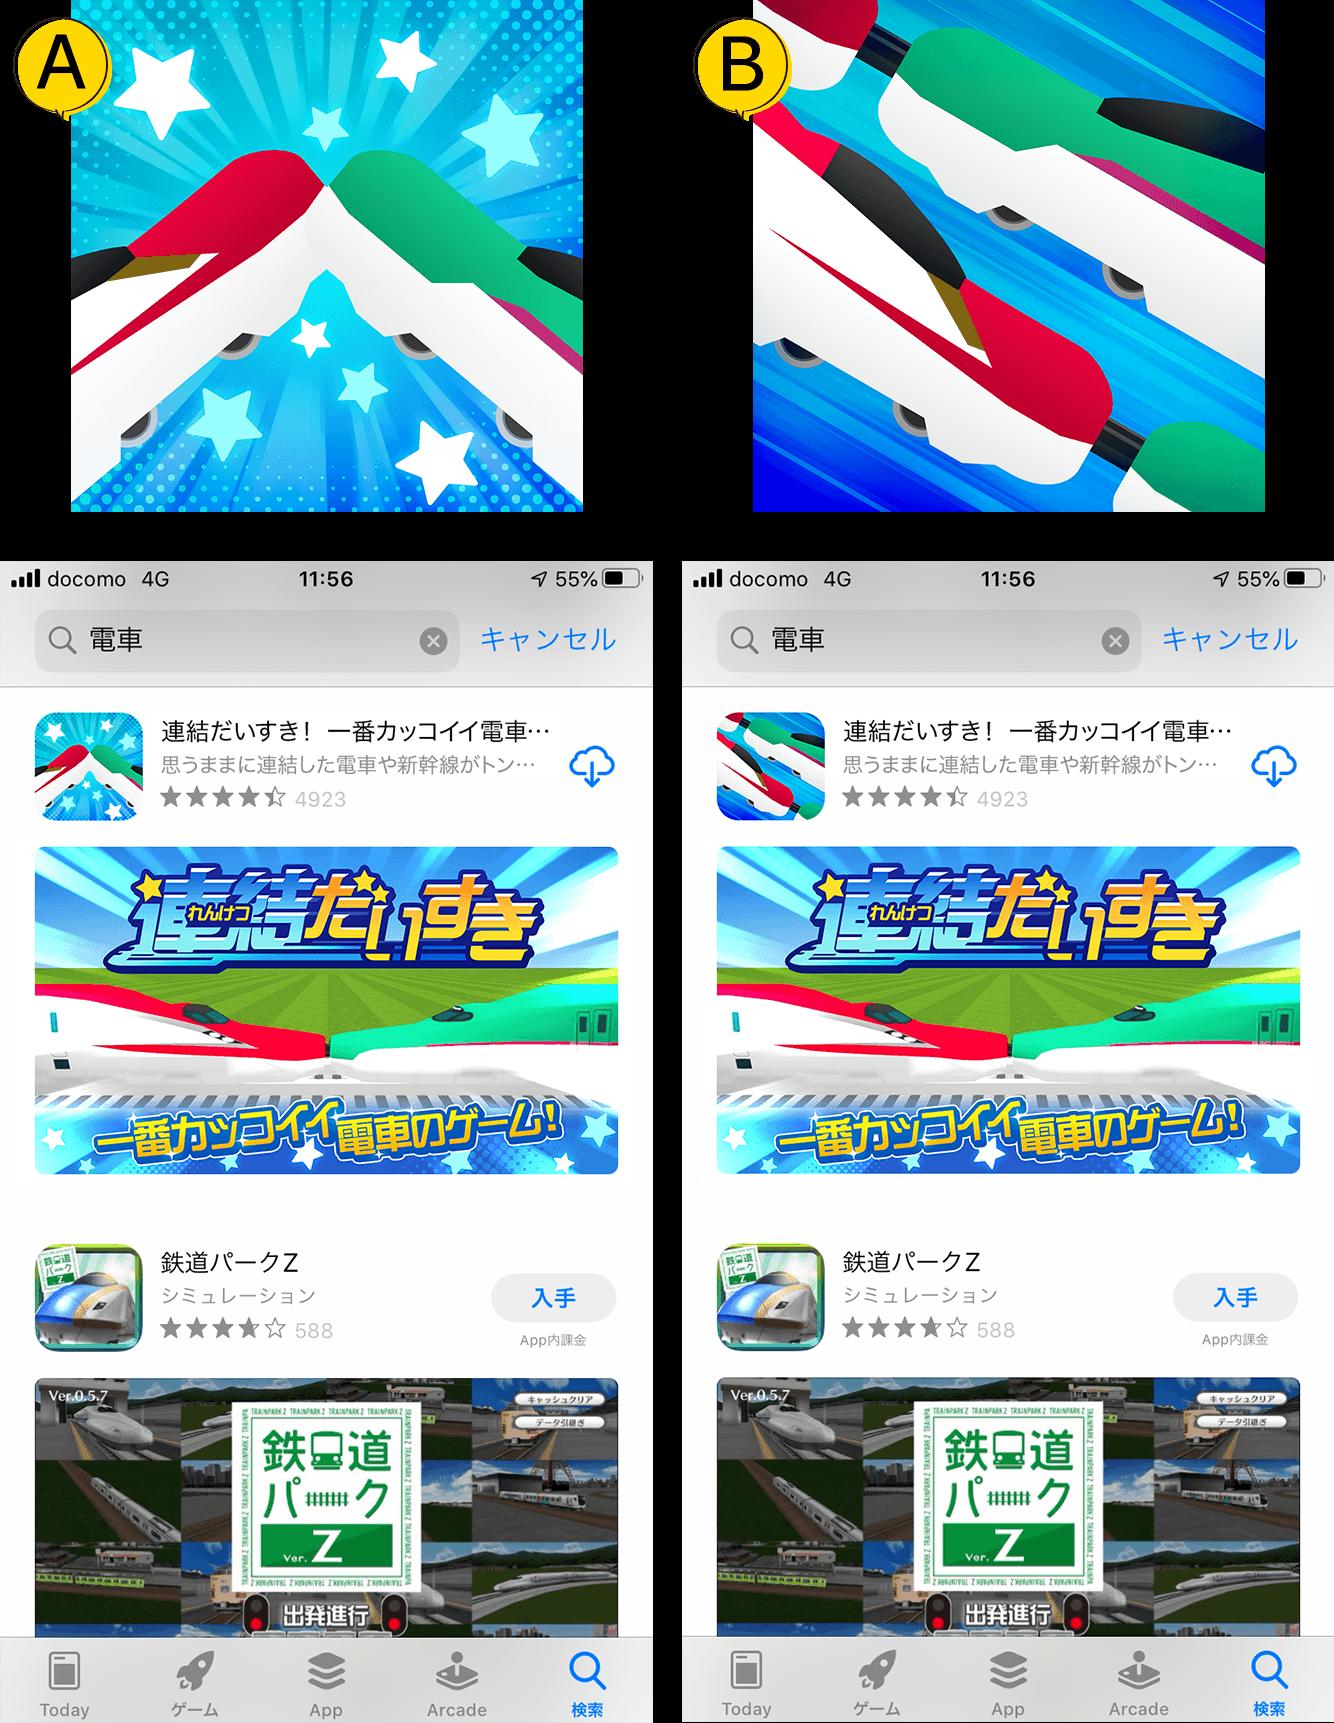 ゲームアプリアイコンの修正版2案